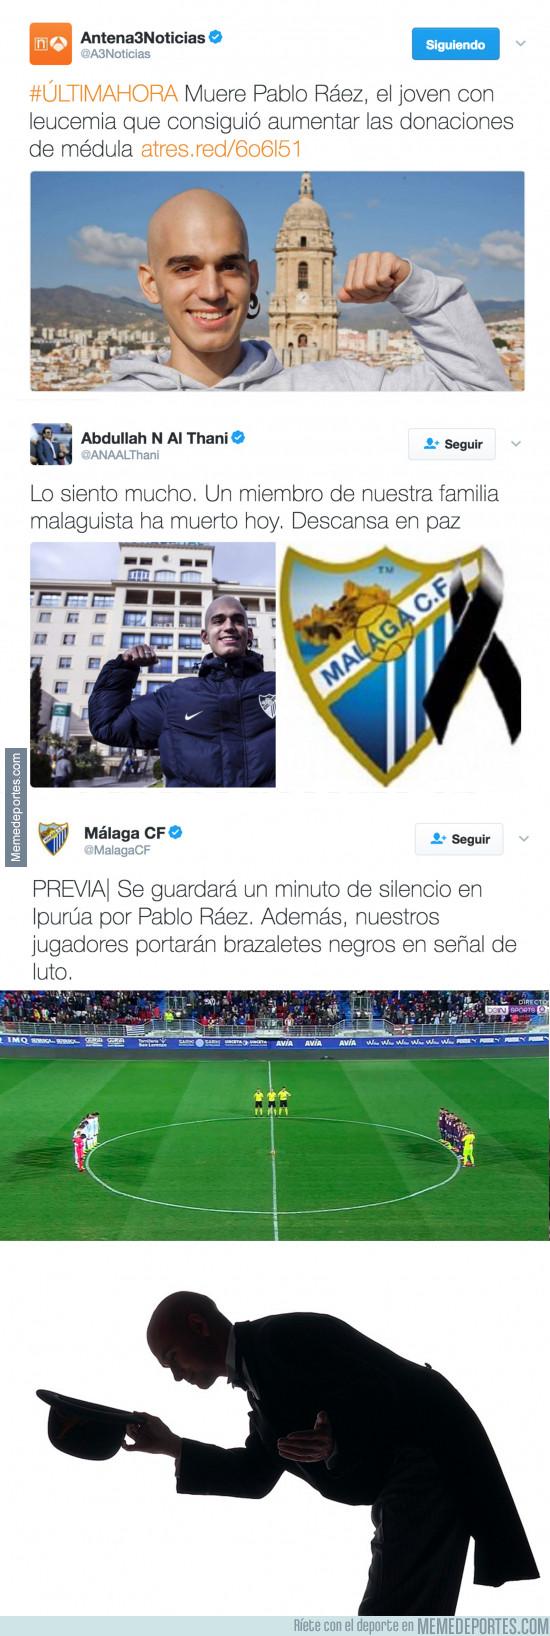 951275 - Muere Pablo Ráez, el joven con leucemia y el Málaga tiene un detallazo en su memoria